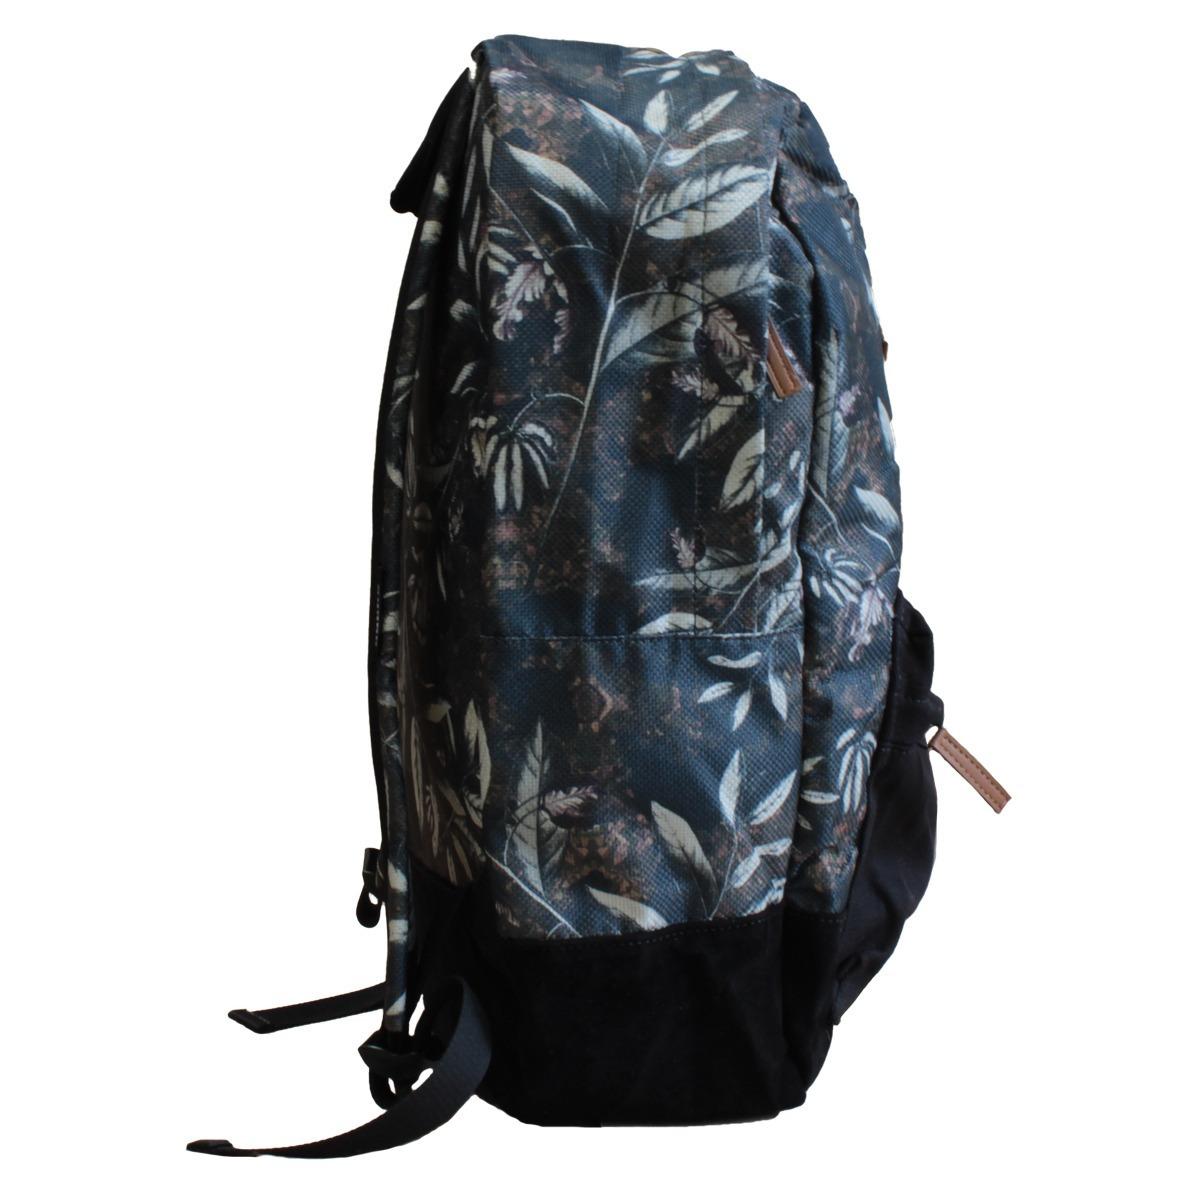 a83bc3b00 Carregando zoom... escolar bag mochila. Carregando zoom... mochila  masculina feminina escolar hocks skate calouro bag